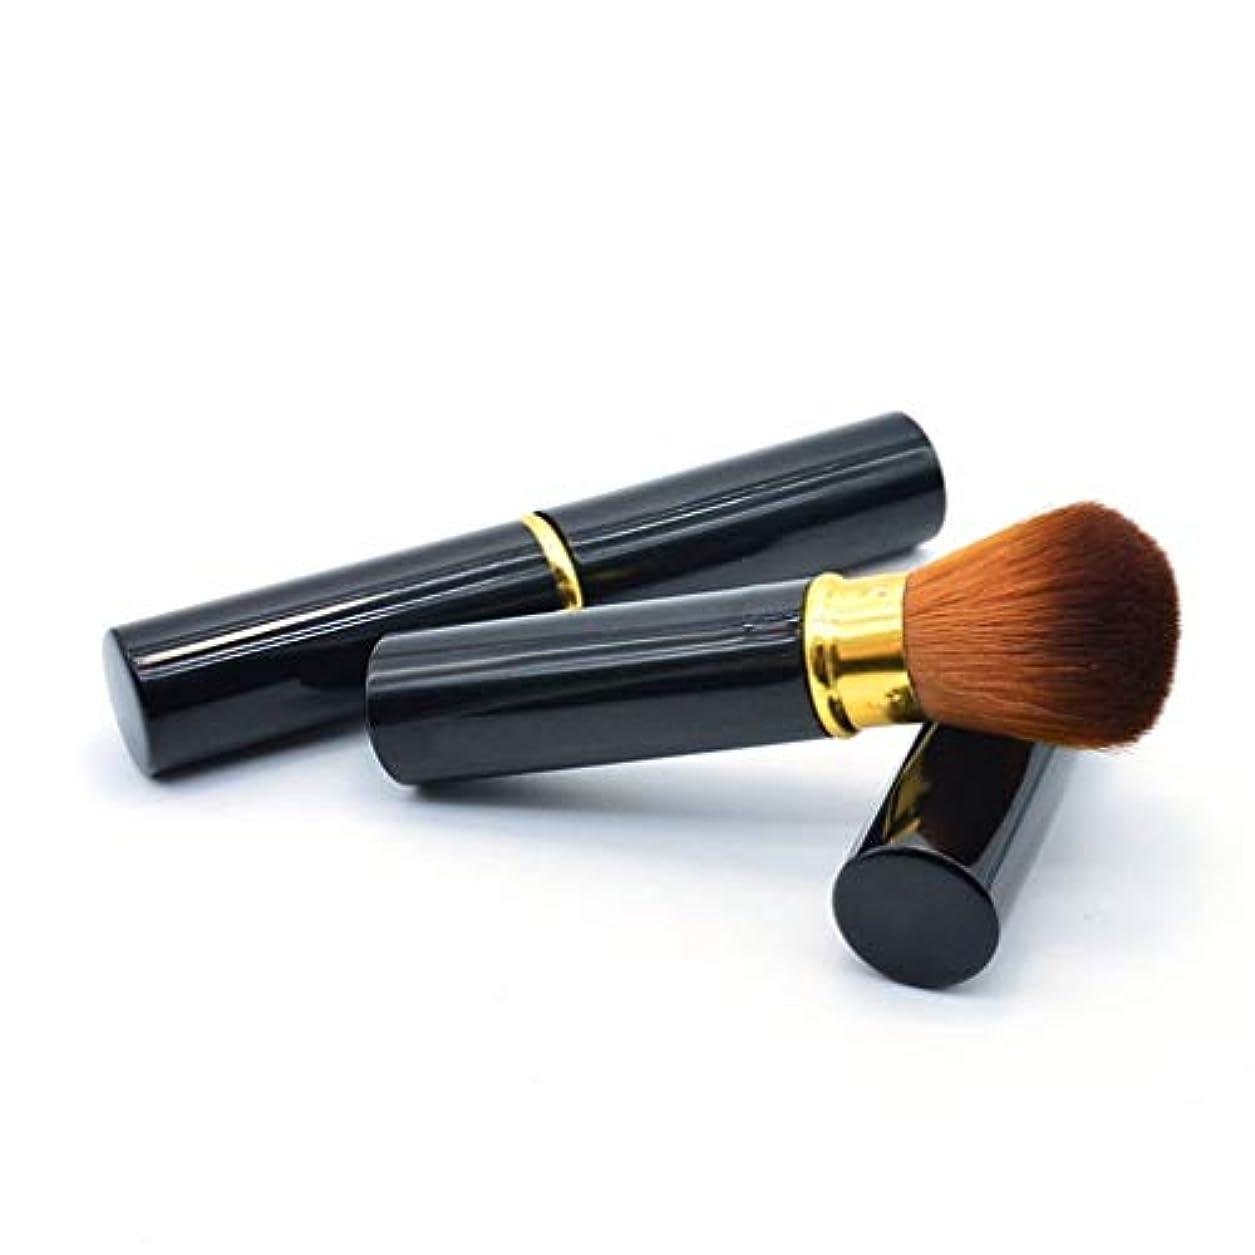 ドラフトパウダー夢中メイクアップブラシファンデーションメイクアップリキッド、クリーム、または完璧なパウダー化粧品 - バフ、点描、コンシーラー - 上質な合成稠密剛毛